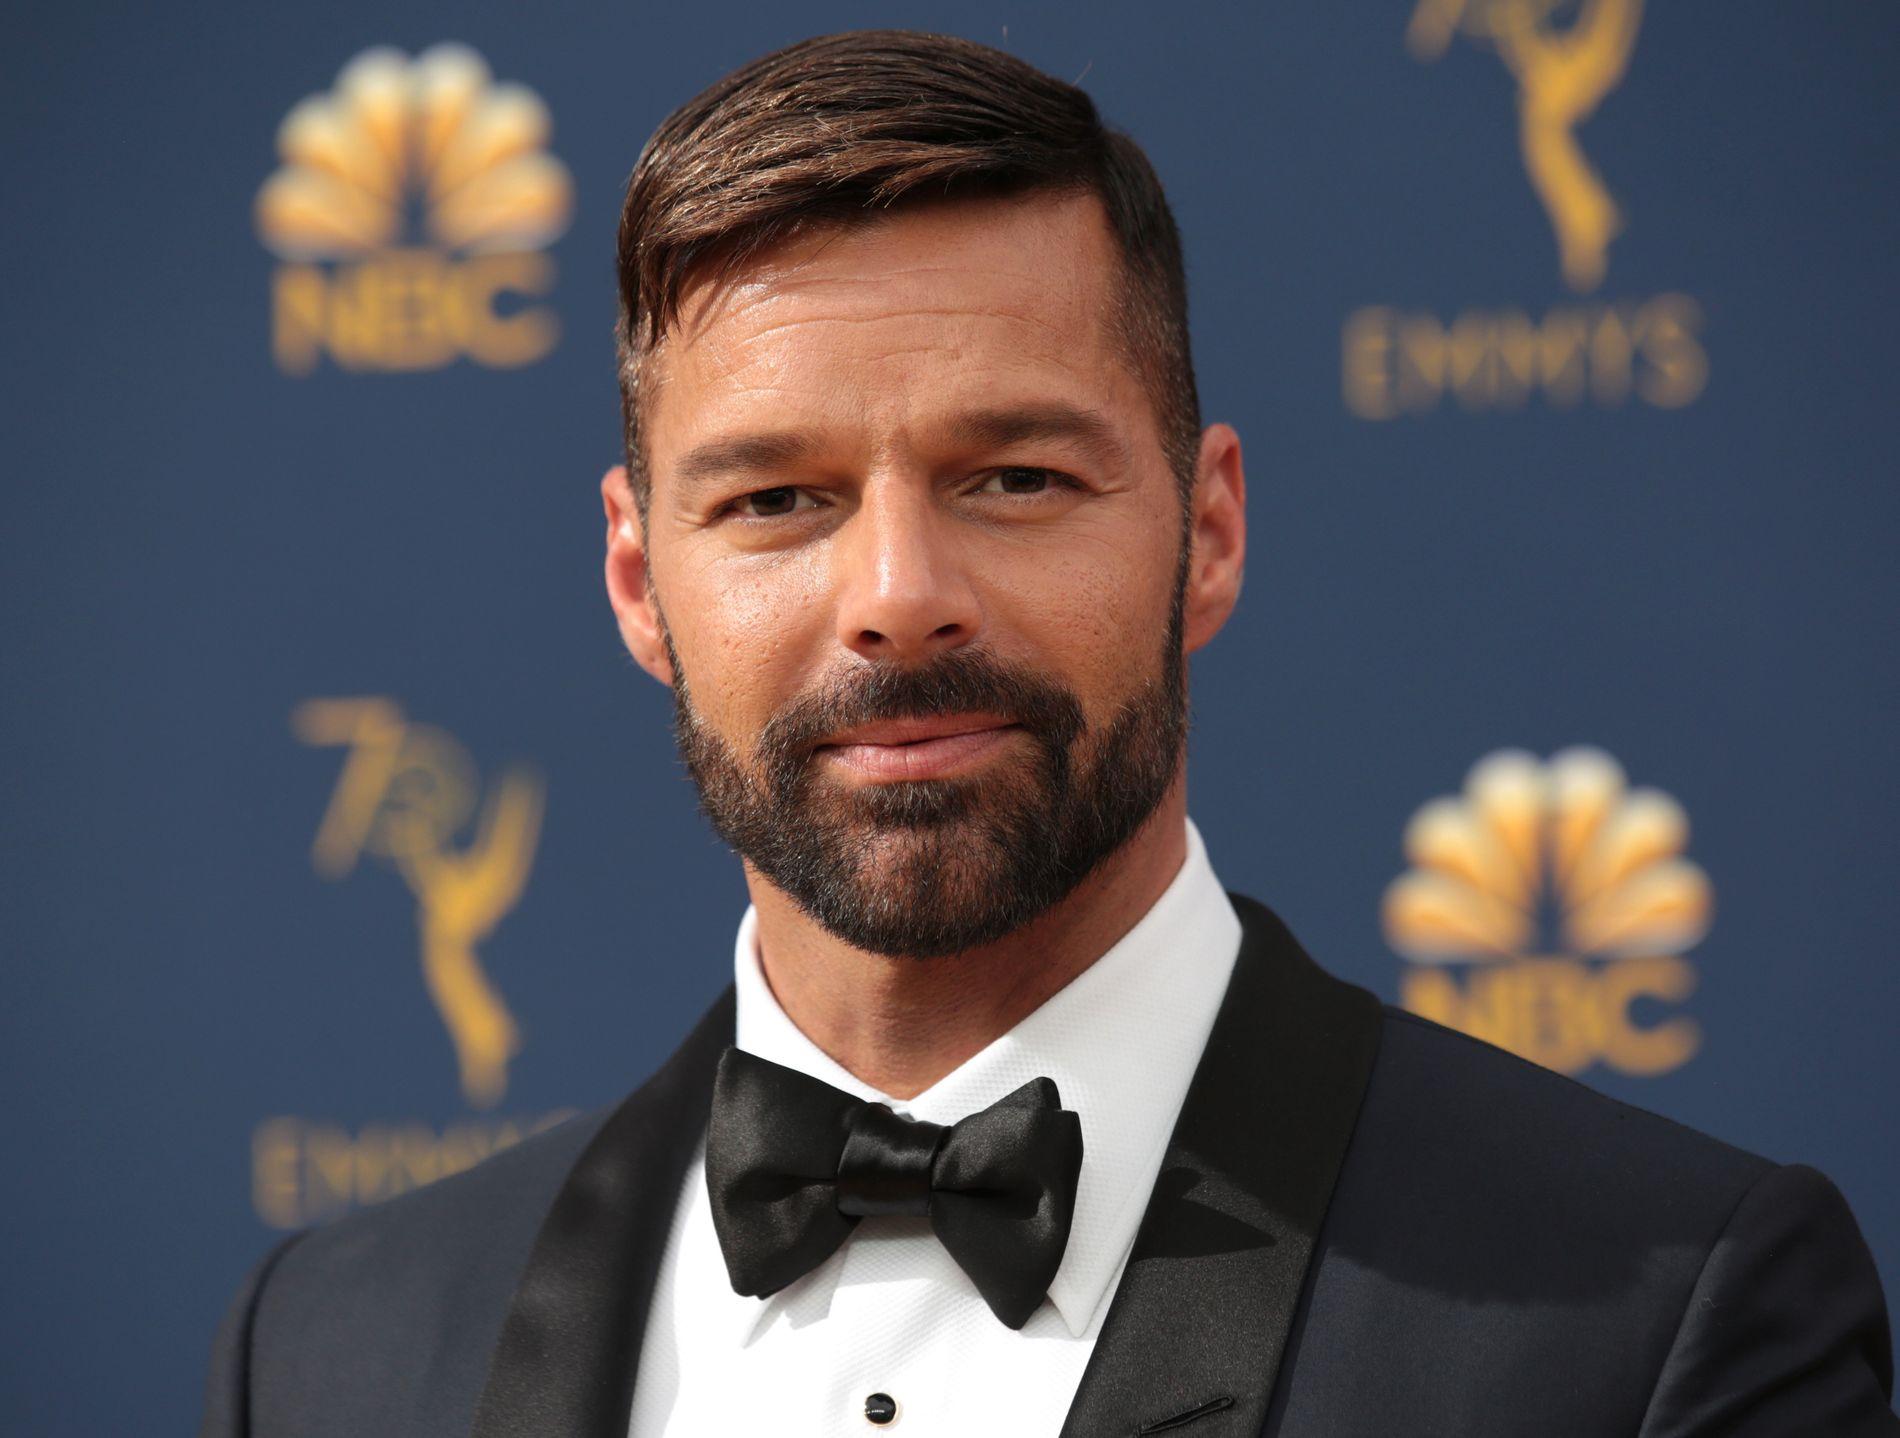 OVERLYKKELIG: Ricky Martin kunngjorde stolt på selveste nyttårsaften at datteren, lille Lucia, hadde ankommet.